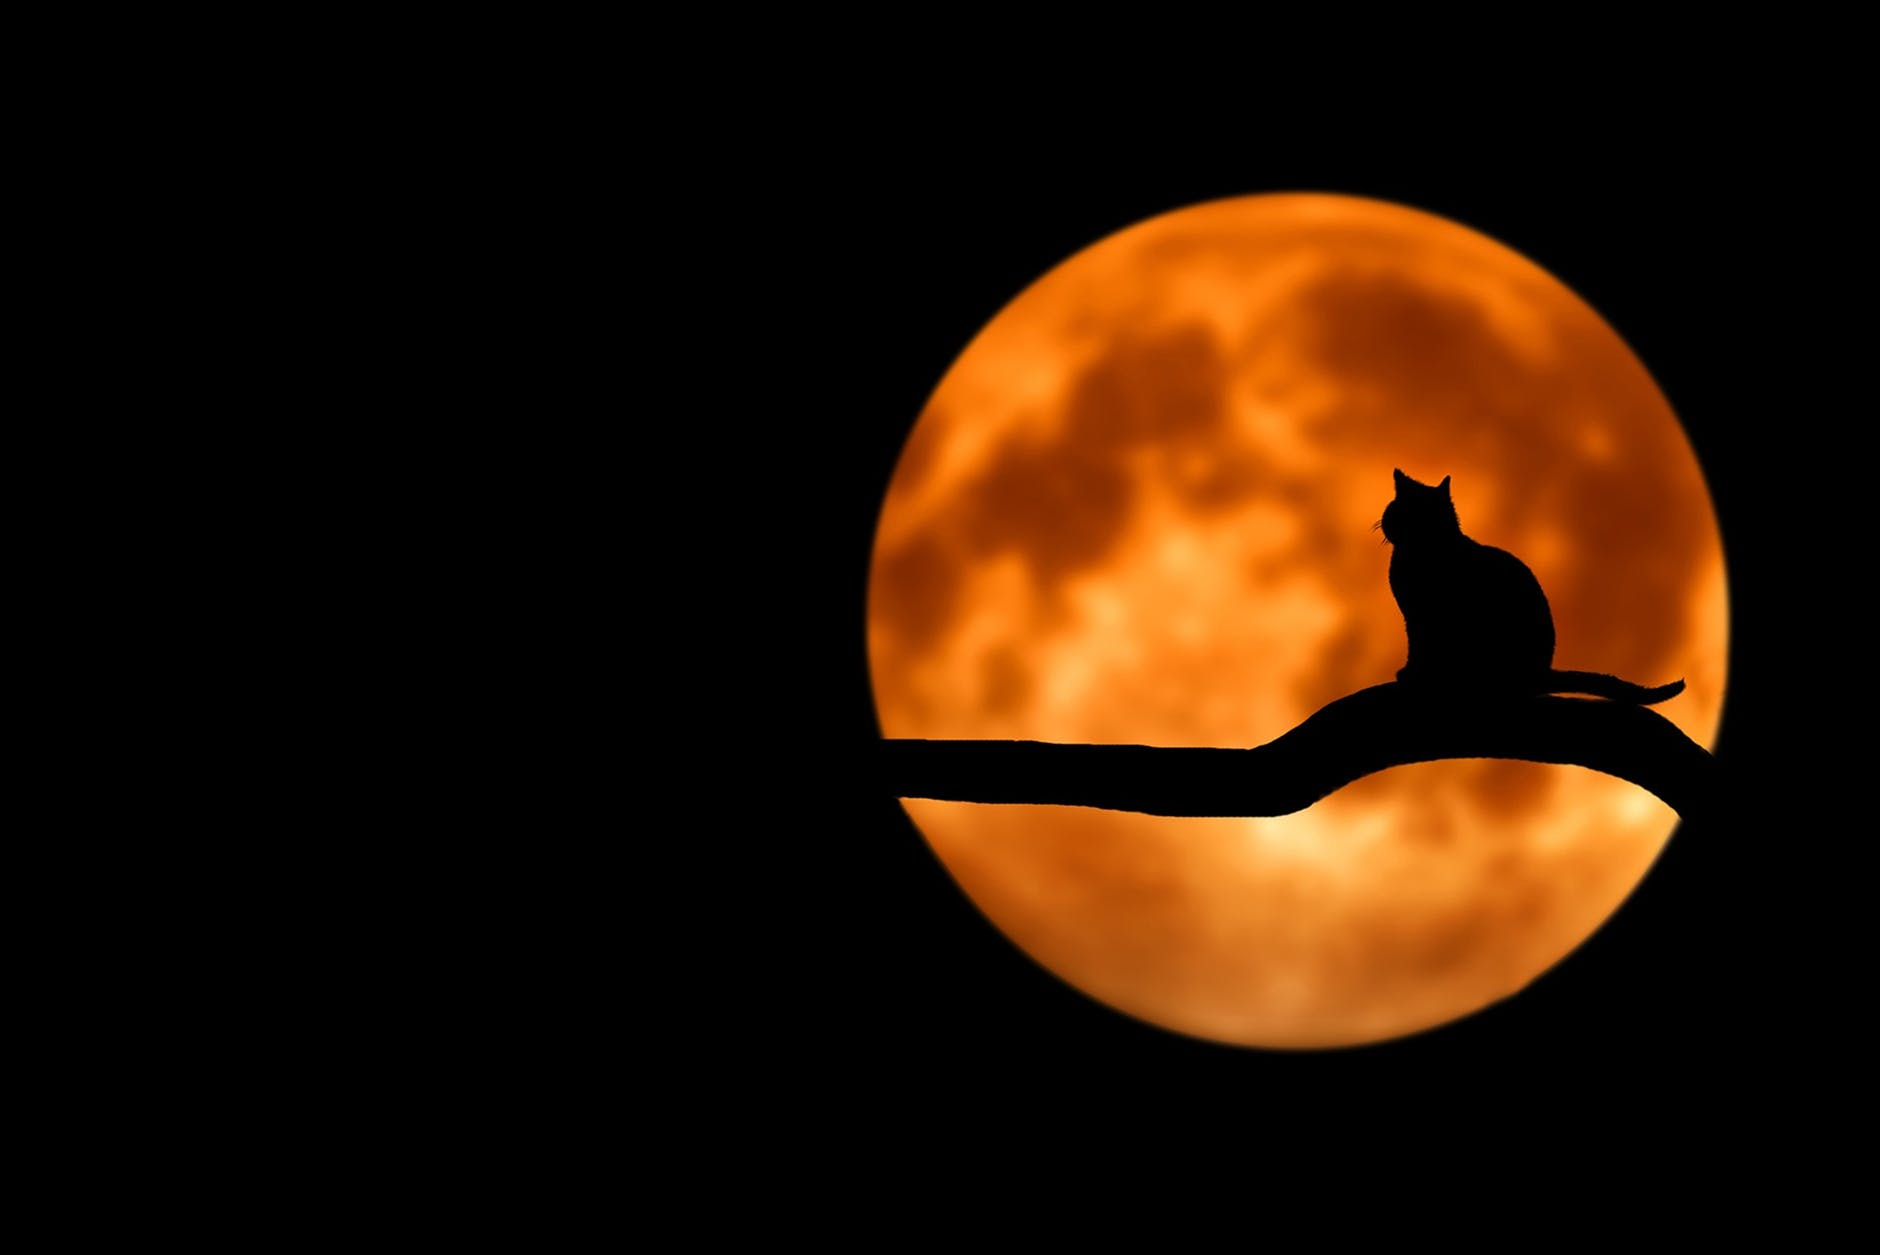 La luna llena puede influir en los gatos